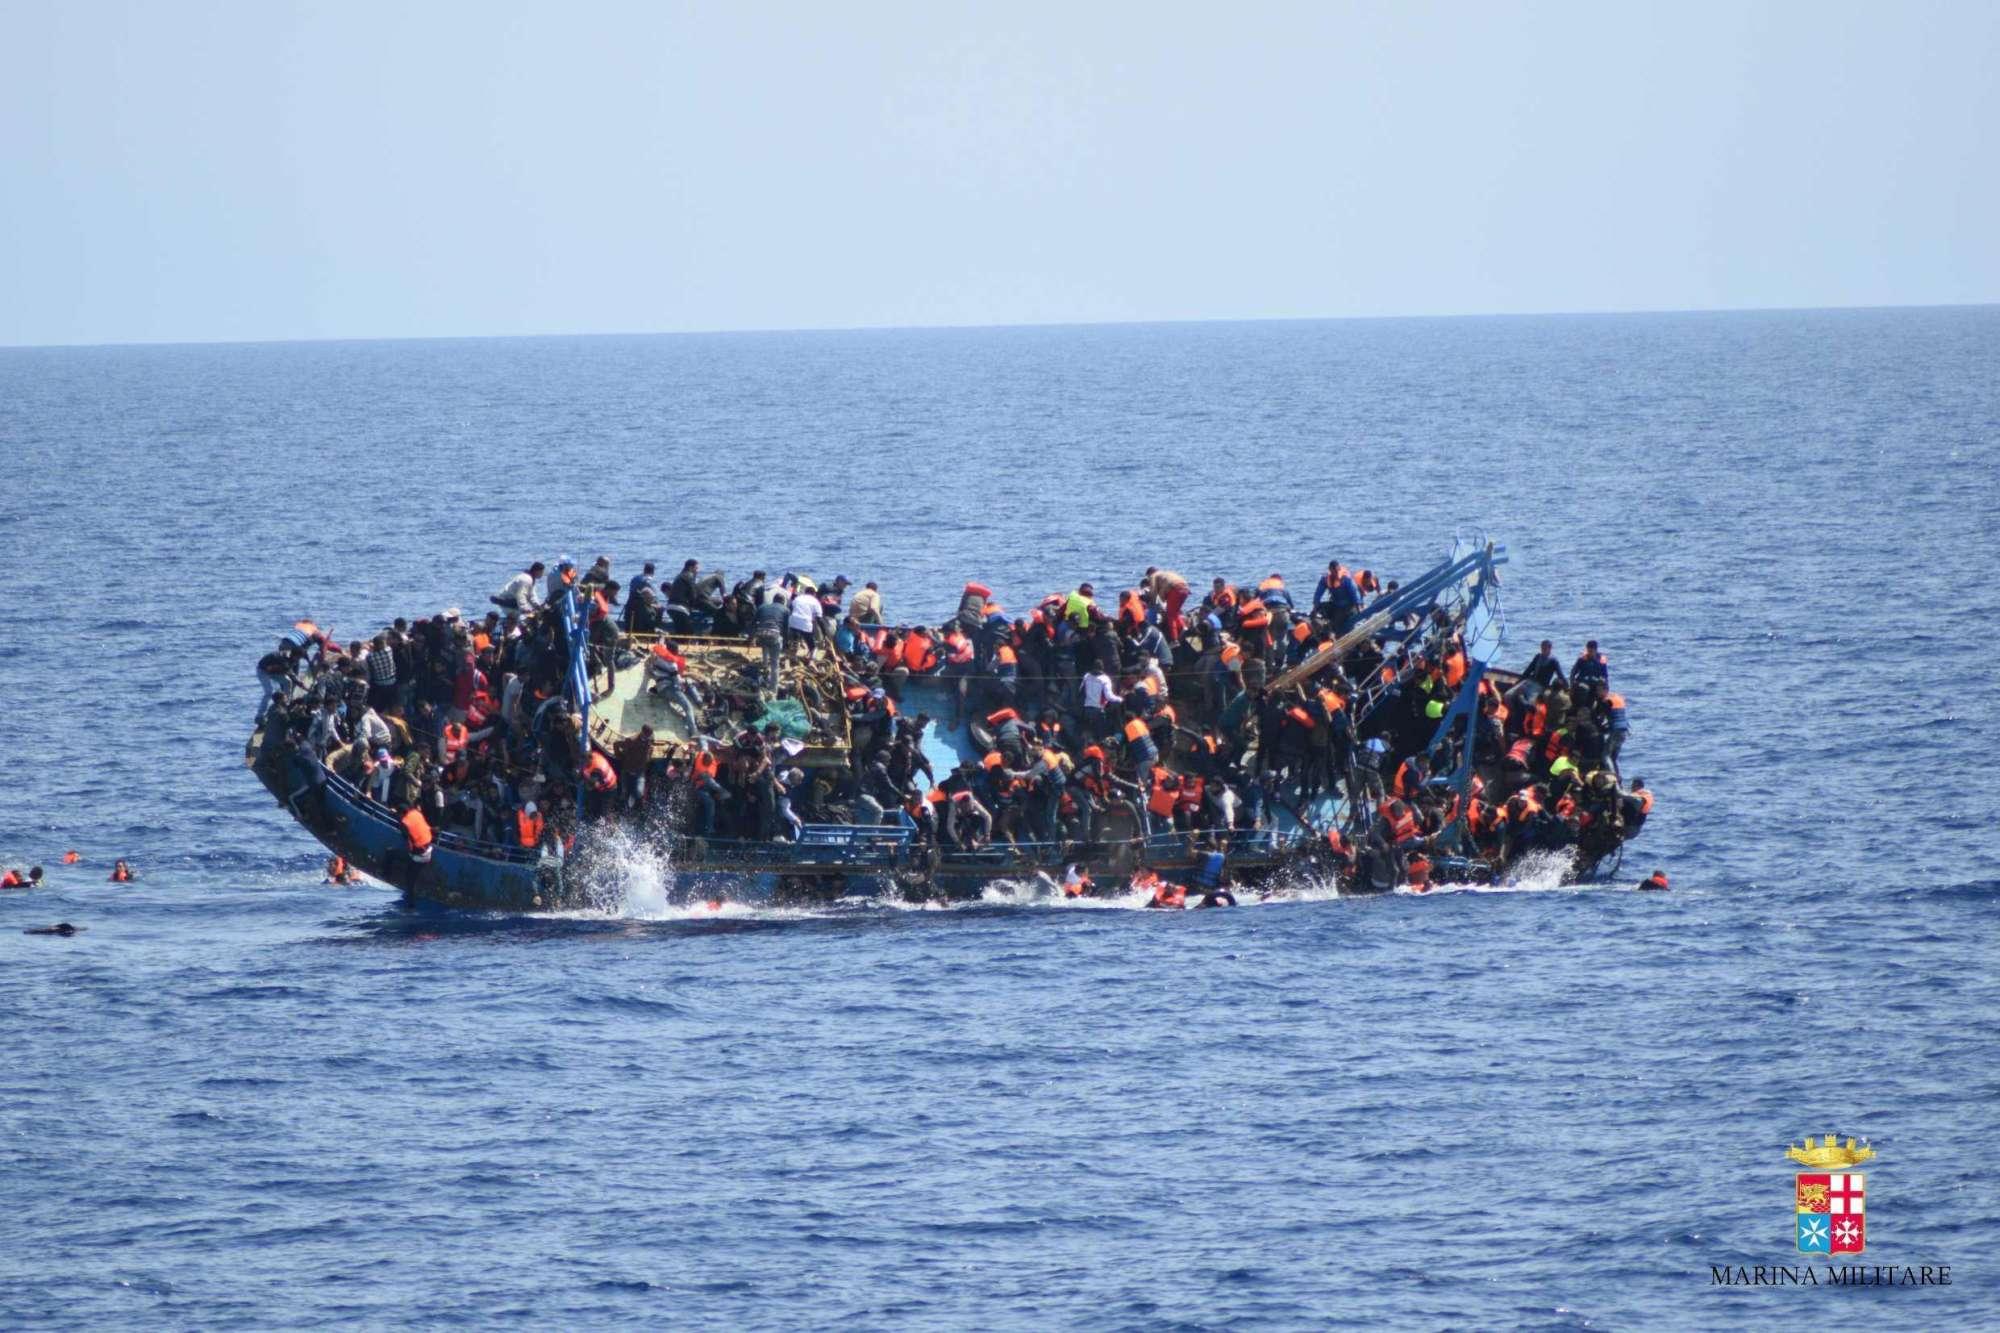 Migranti, mille tratti in salvo nel Canale di Sicilia